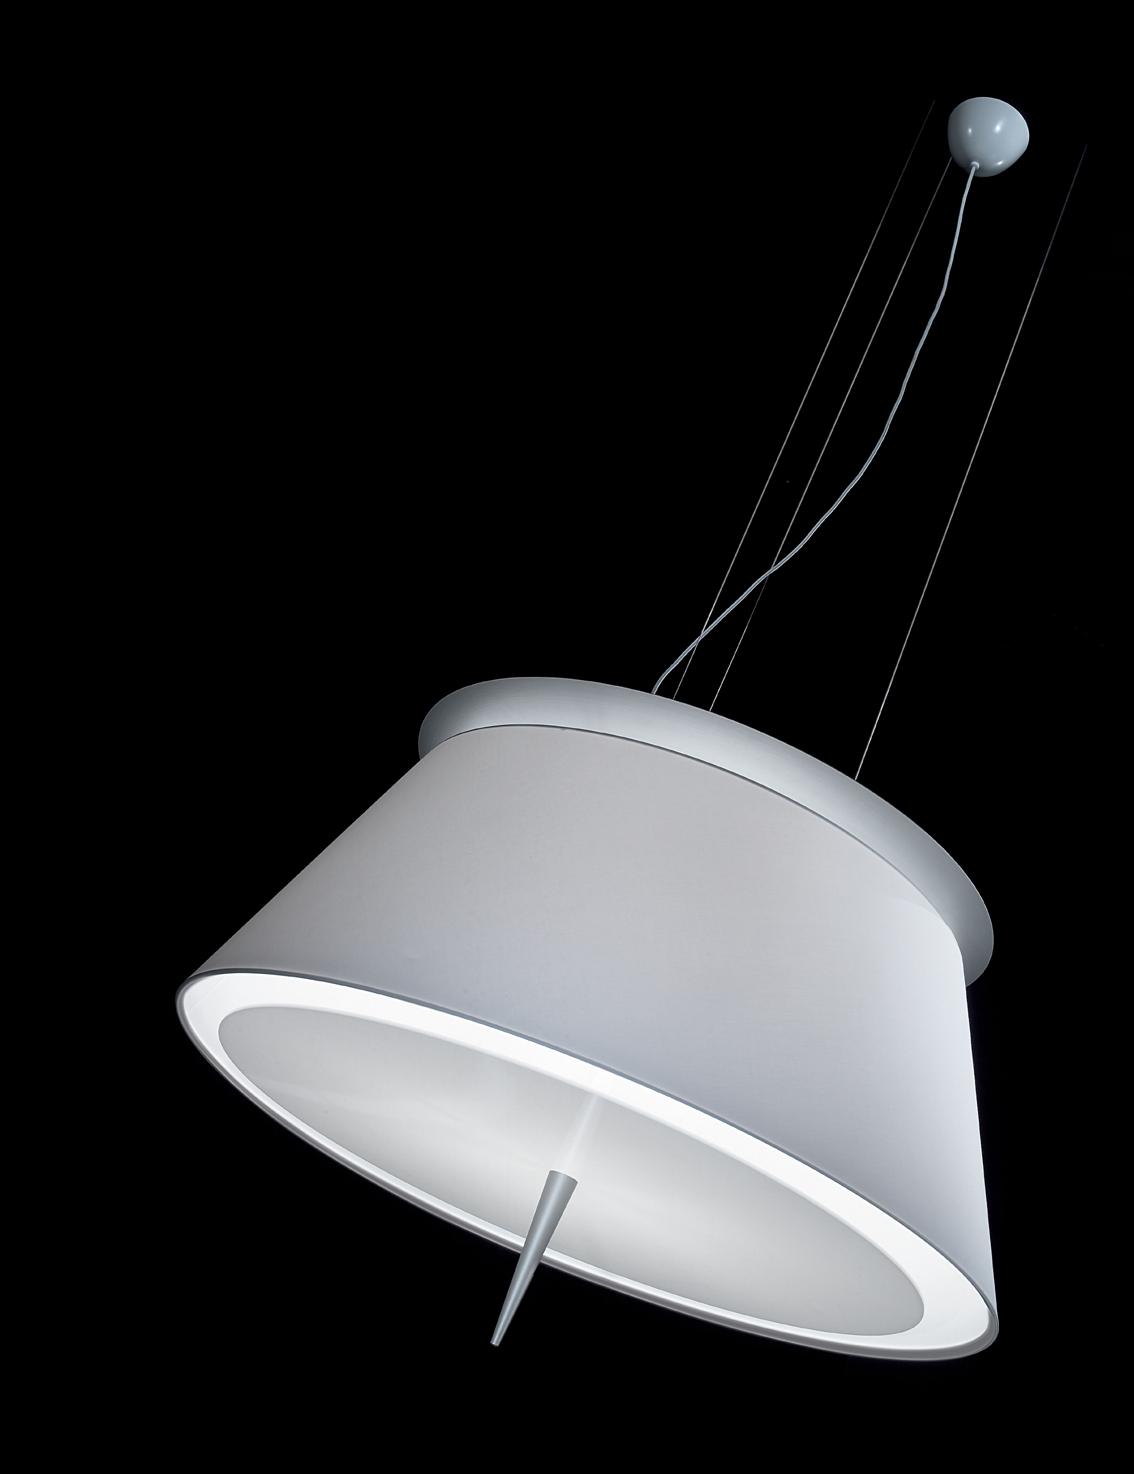 Kumi S Lámpara Colgante Oversize pantalla blanca